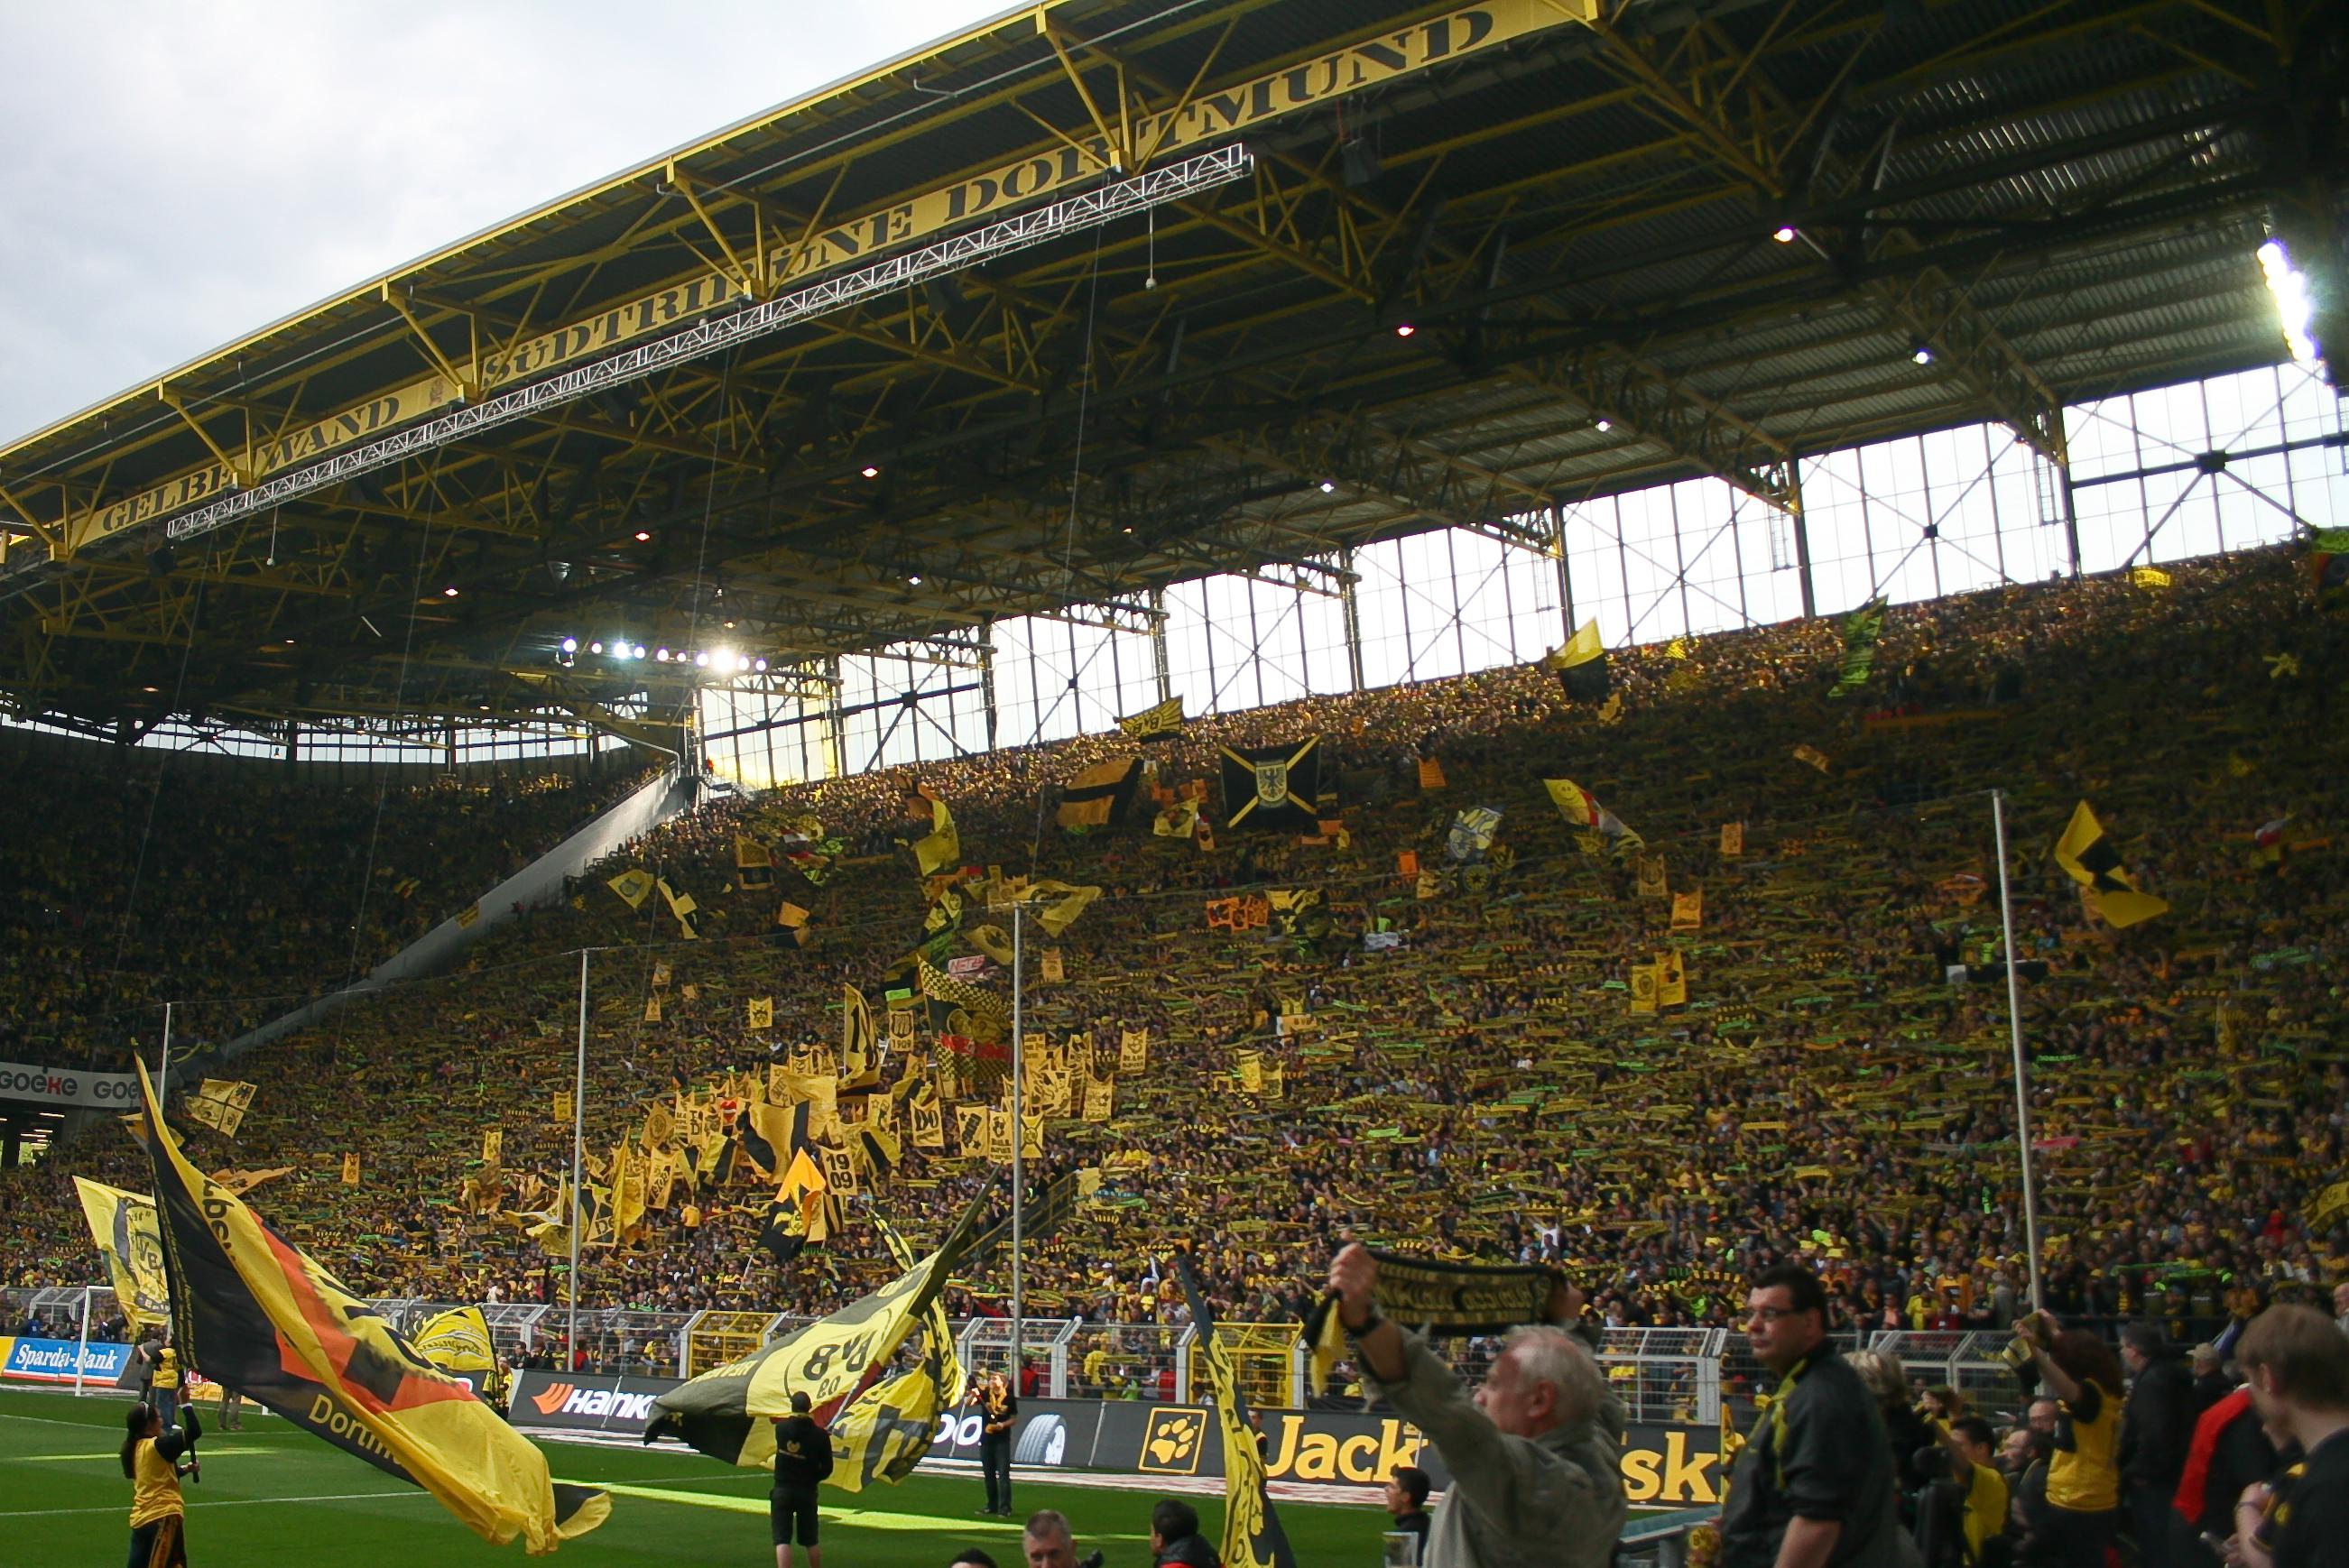 Südtribüne Dortmund